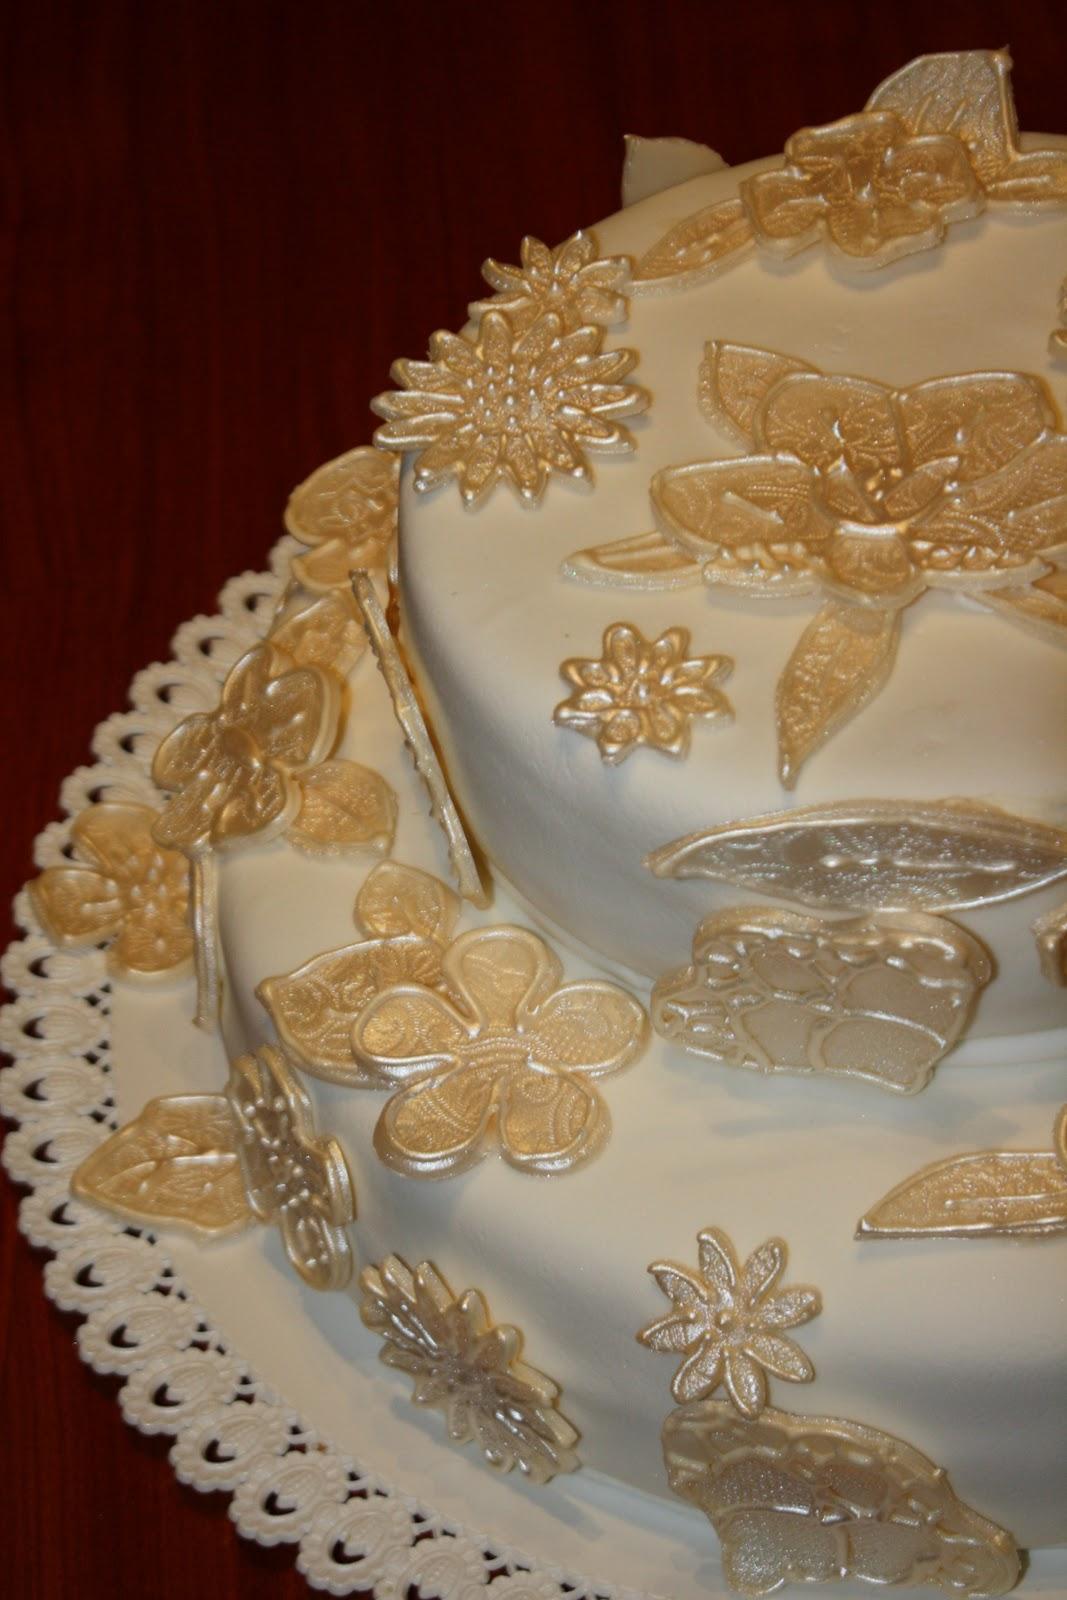 Favoloso DOLCISSIMONA: TORTA 25 ANNIVERSARIO DI MATRIMONIO GY53